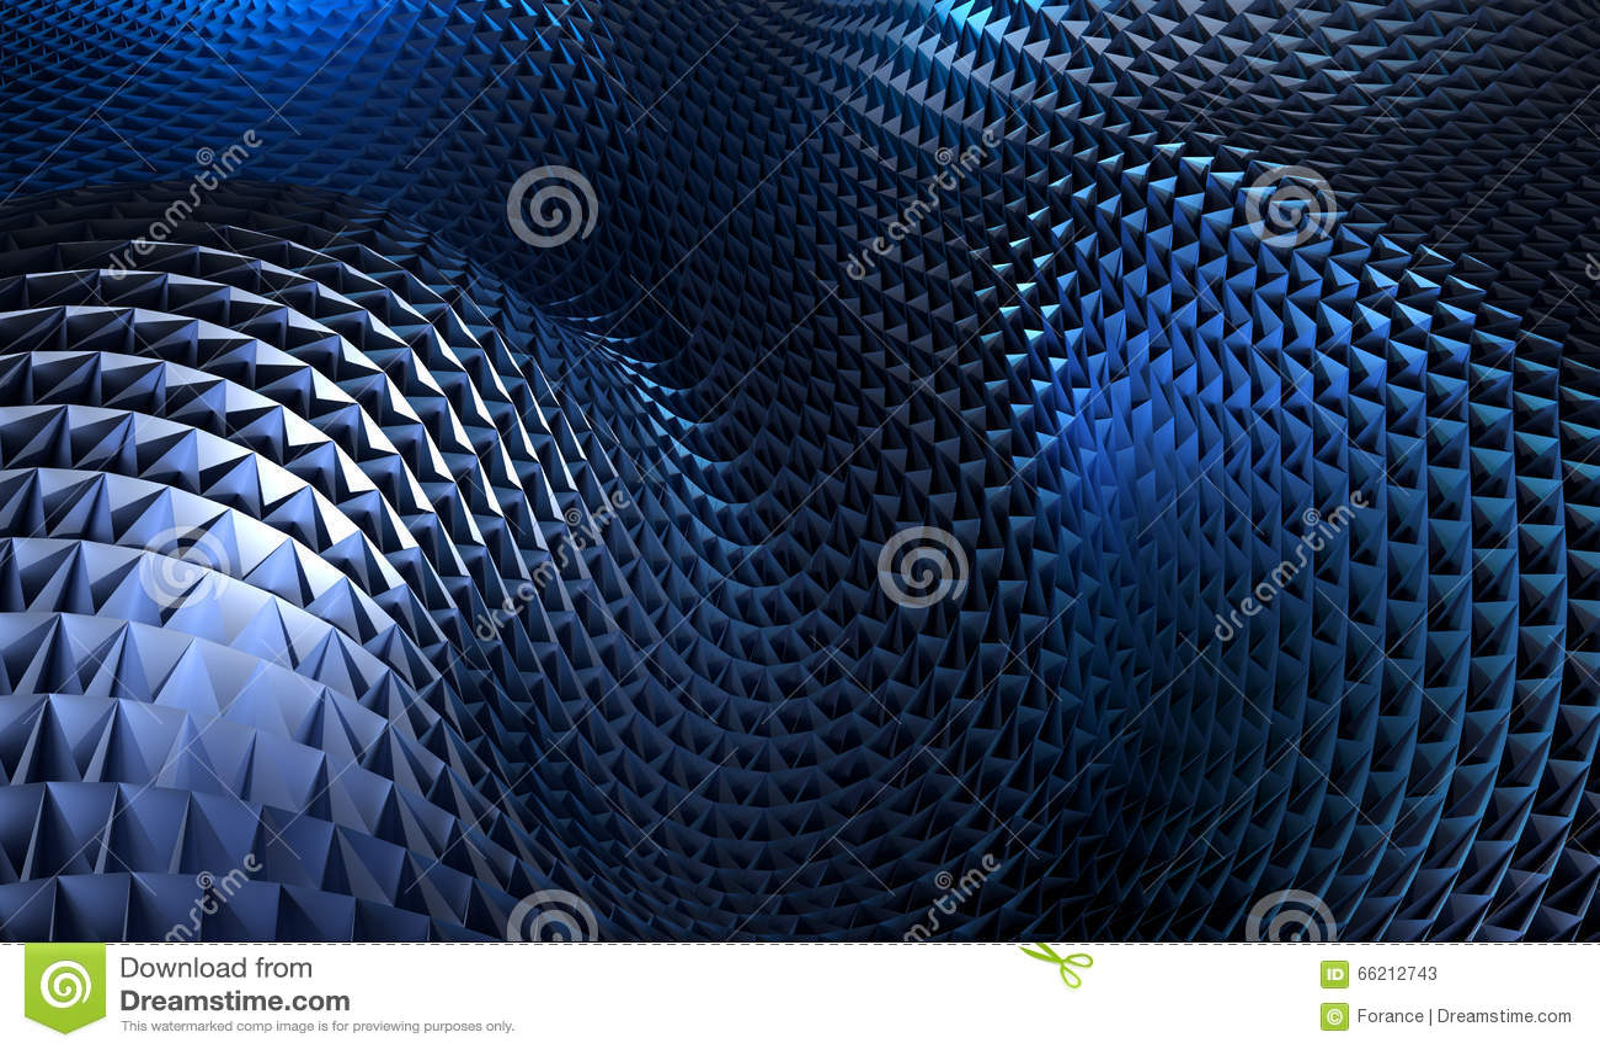 Art Wallpaper Abstracto Azul Marino Pequeñas Protuberancias En